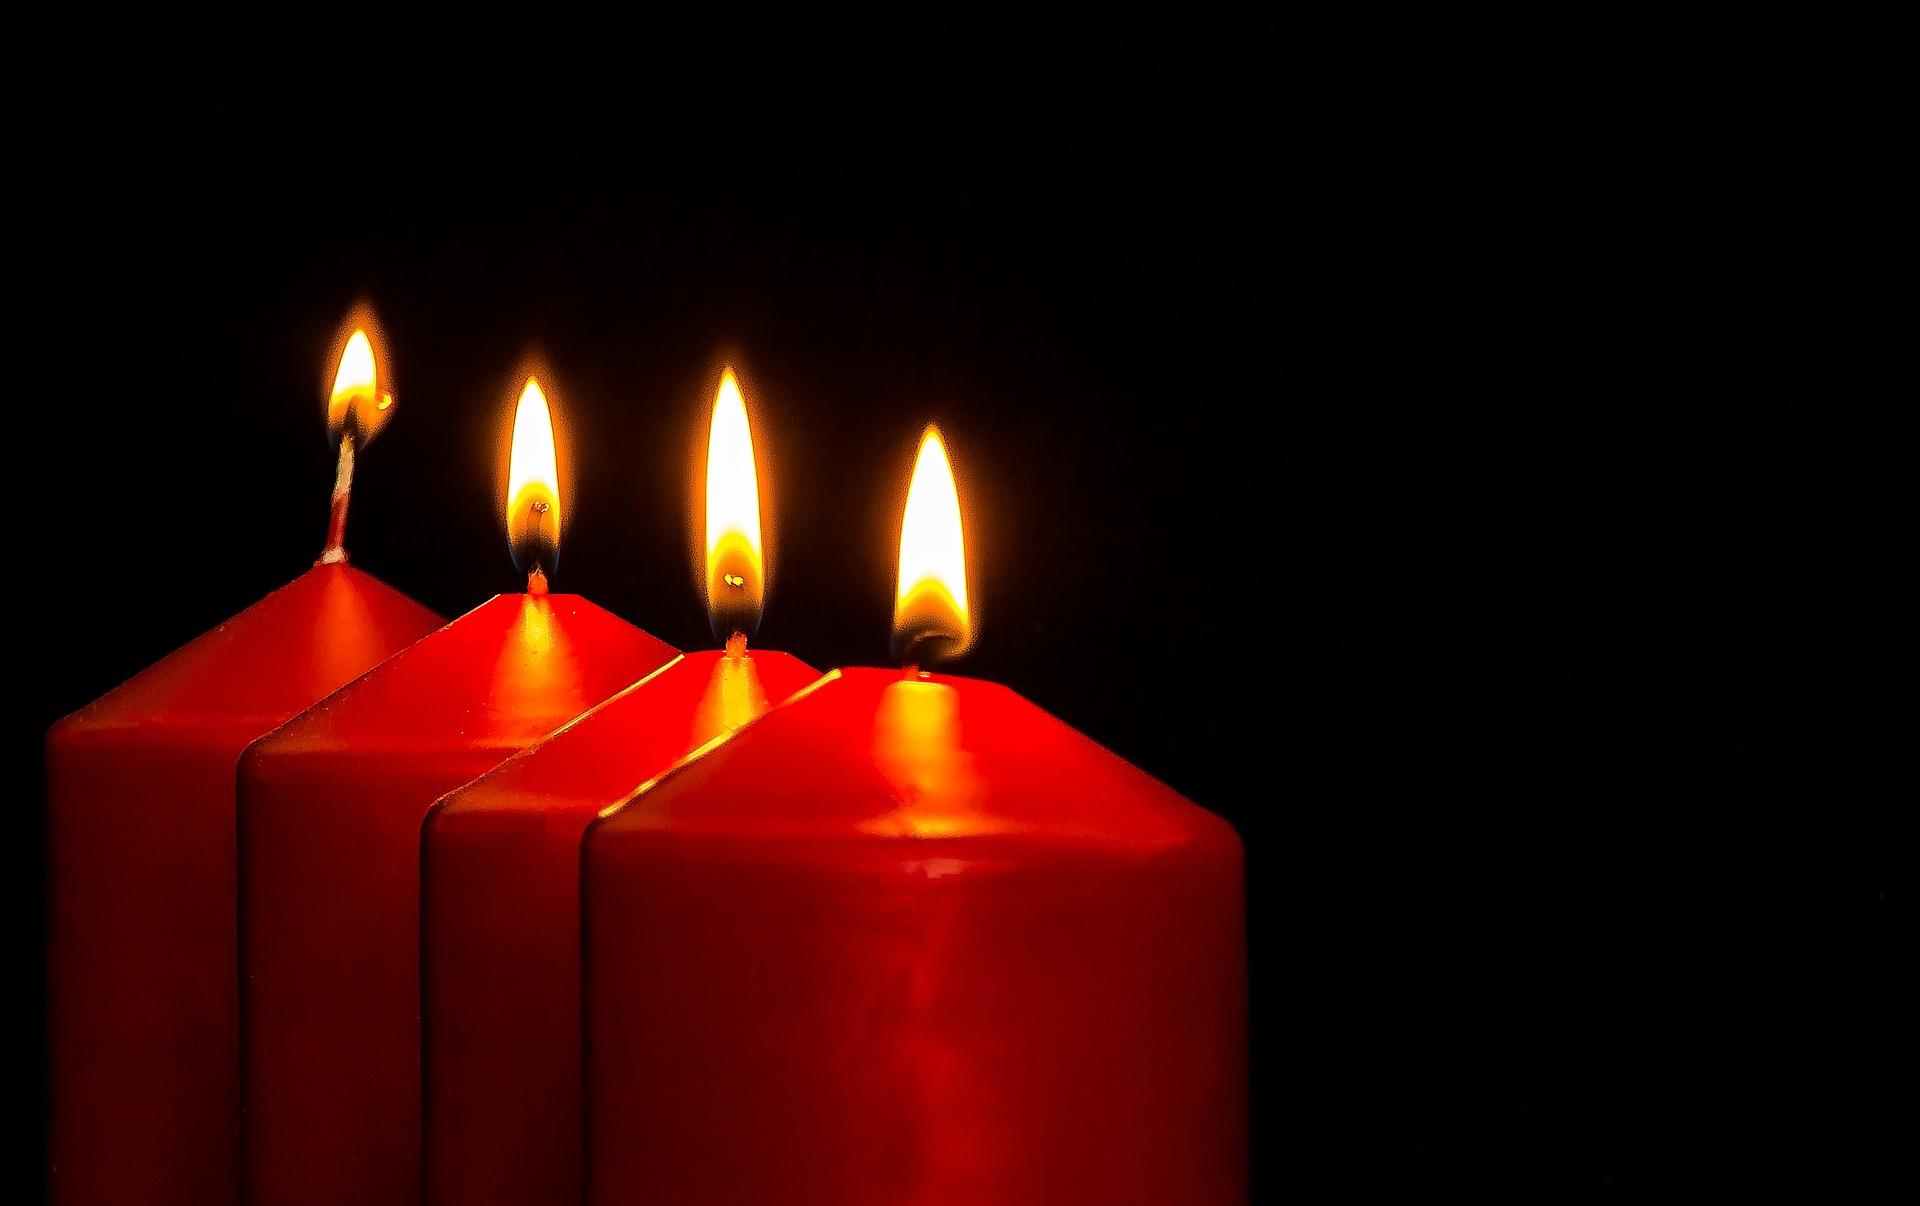 Kerzengeschichte